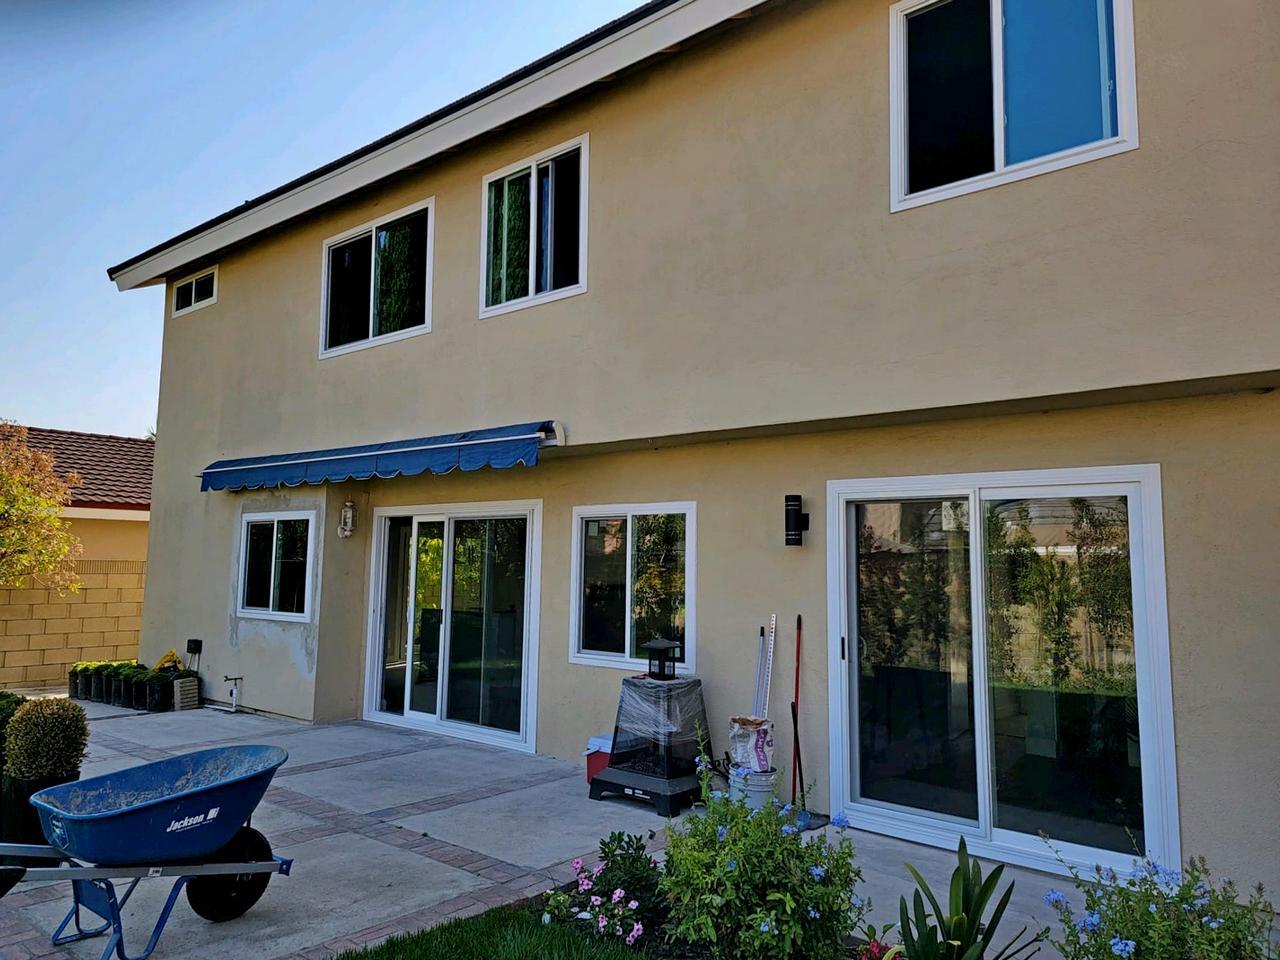 Window and Patio Door Replacement in Hesperia, CA